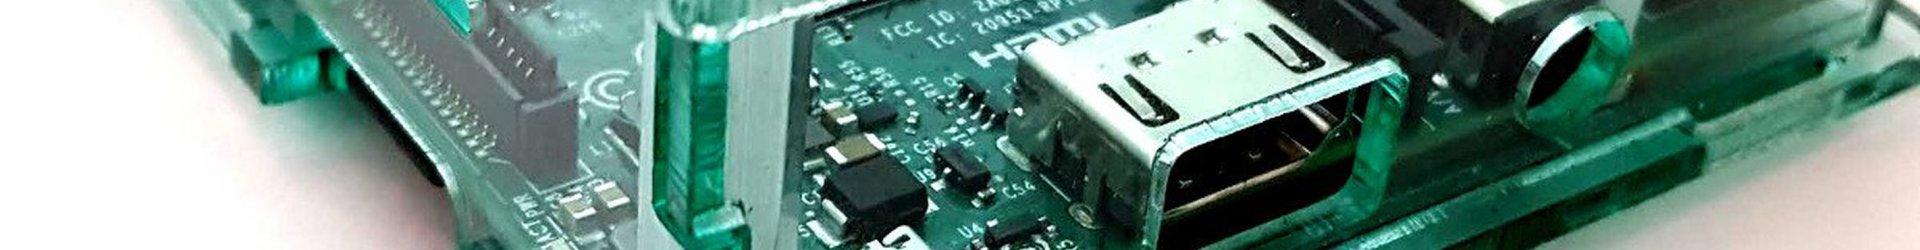 Installare TasmoAdmin su Raspberry Pi e gestire in modo centralizzato Sonoff-Tasmota